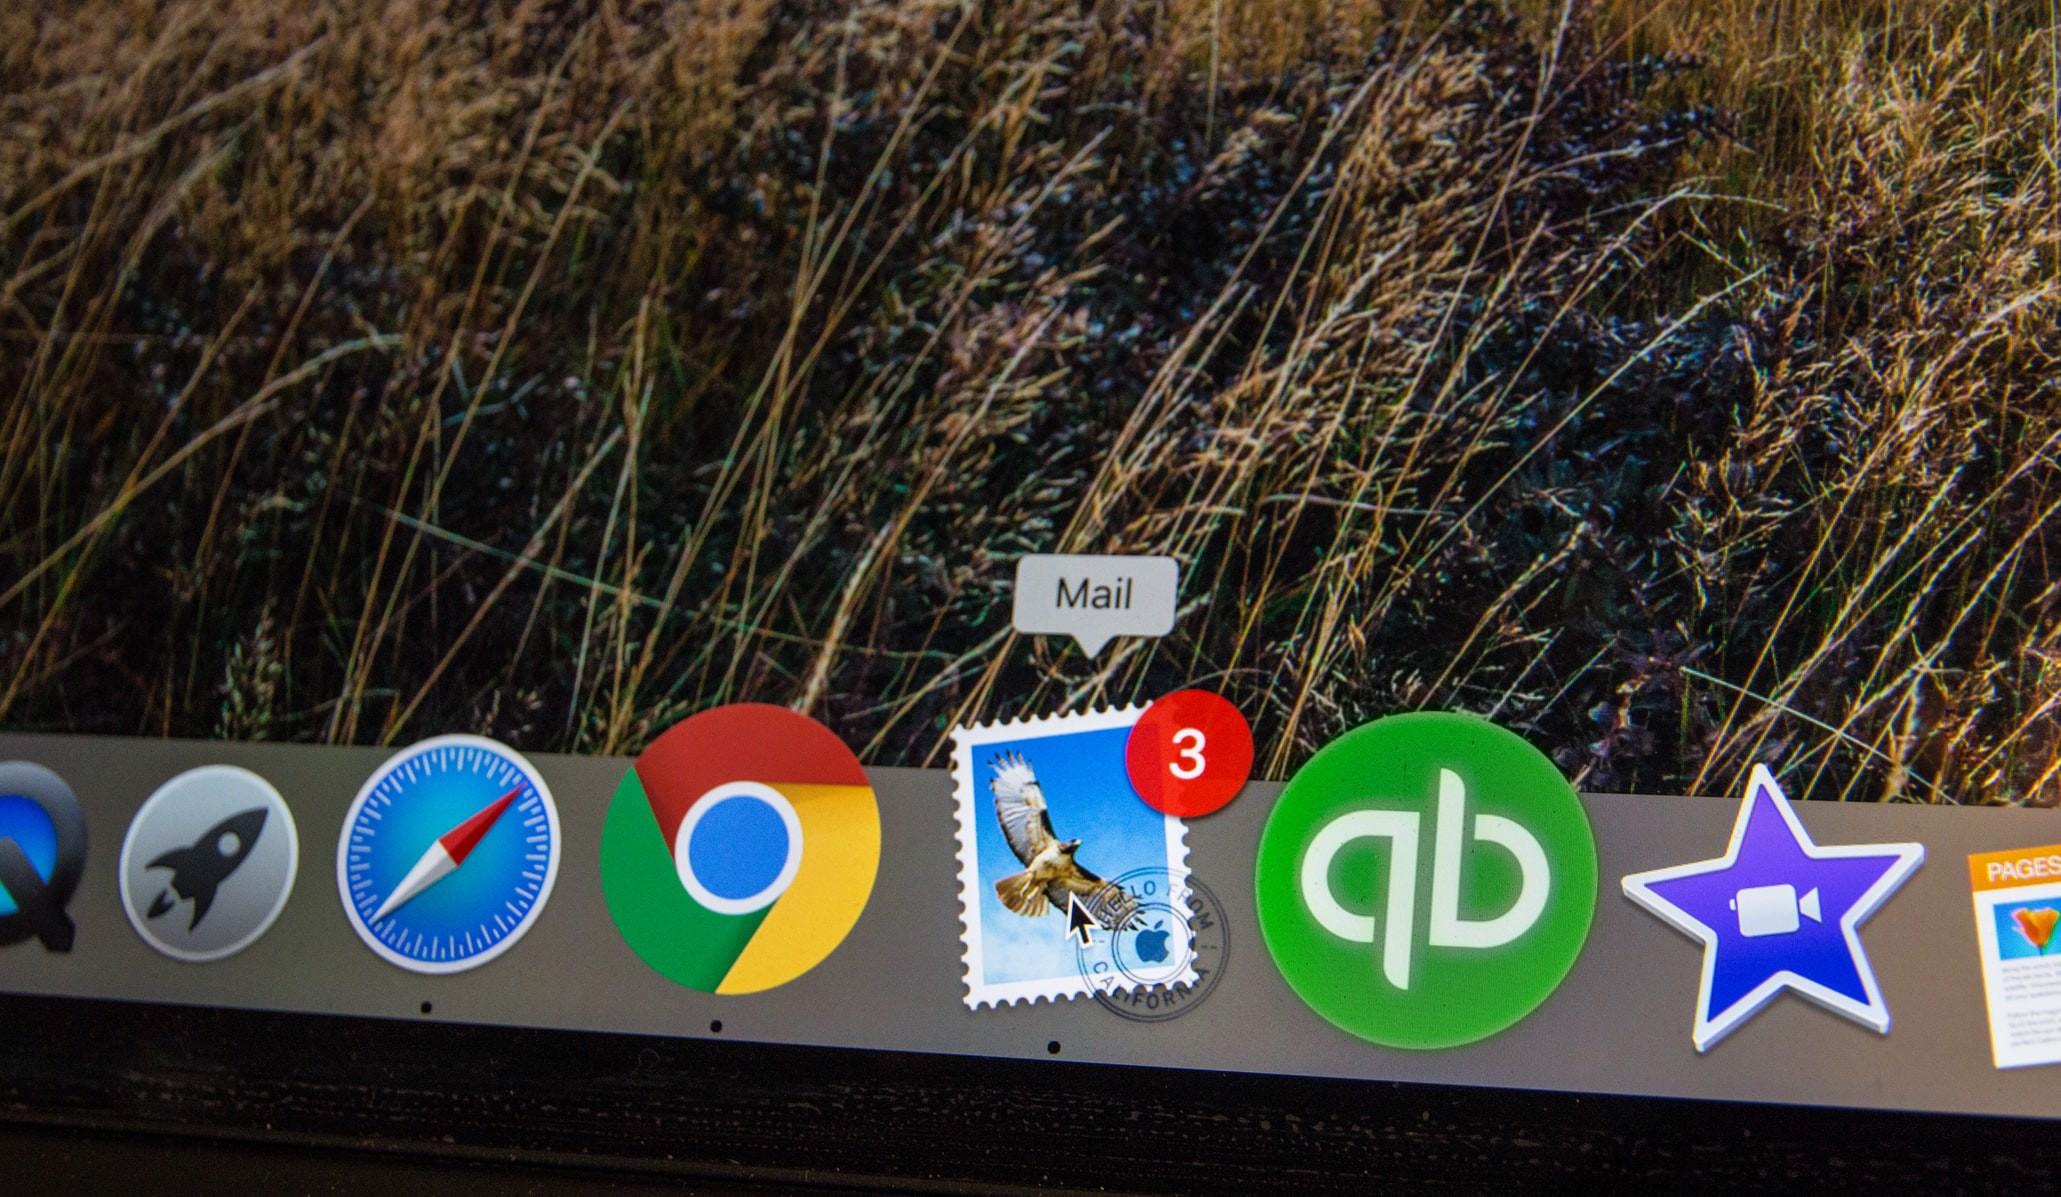 Studie: Bei über 70% aller Email-Attacken sind Trojaner im Spiel